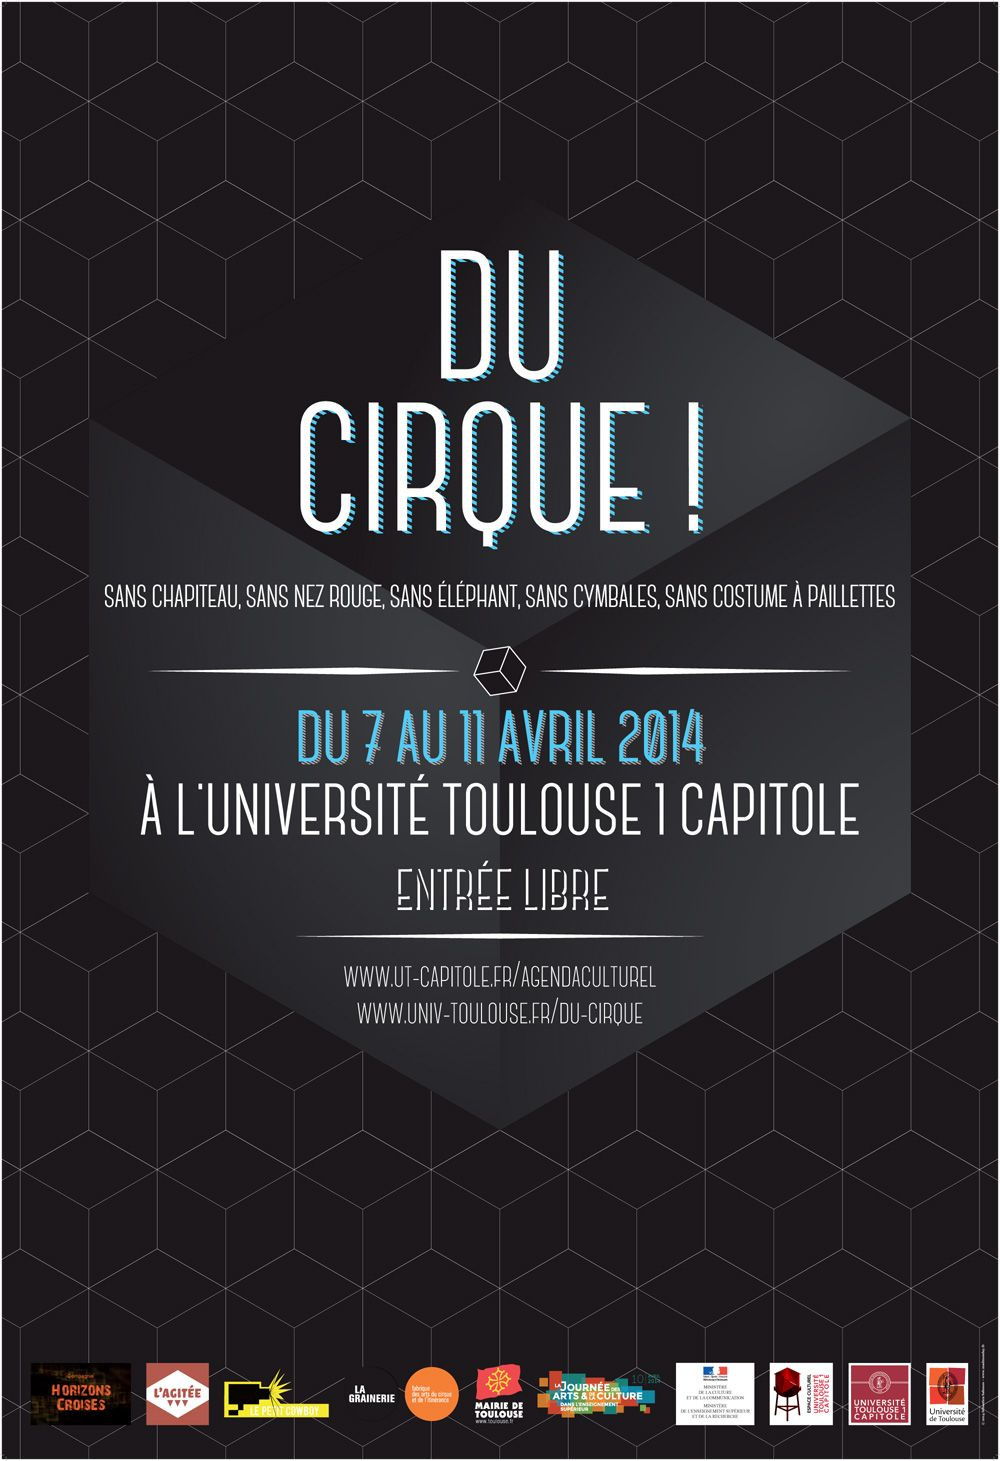 © Université Toulouse 1 Capitole Journée des arts et de la culture dans l'enseignement supérieur http://www.journee-arts-culture-sup.fr